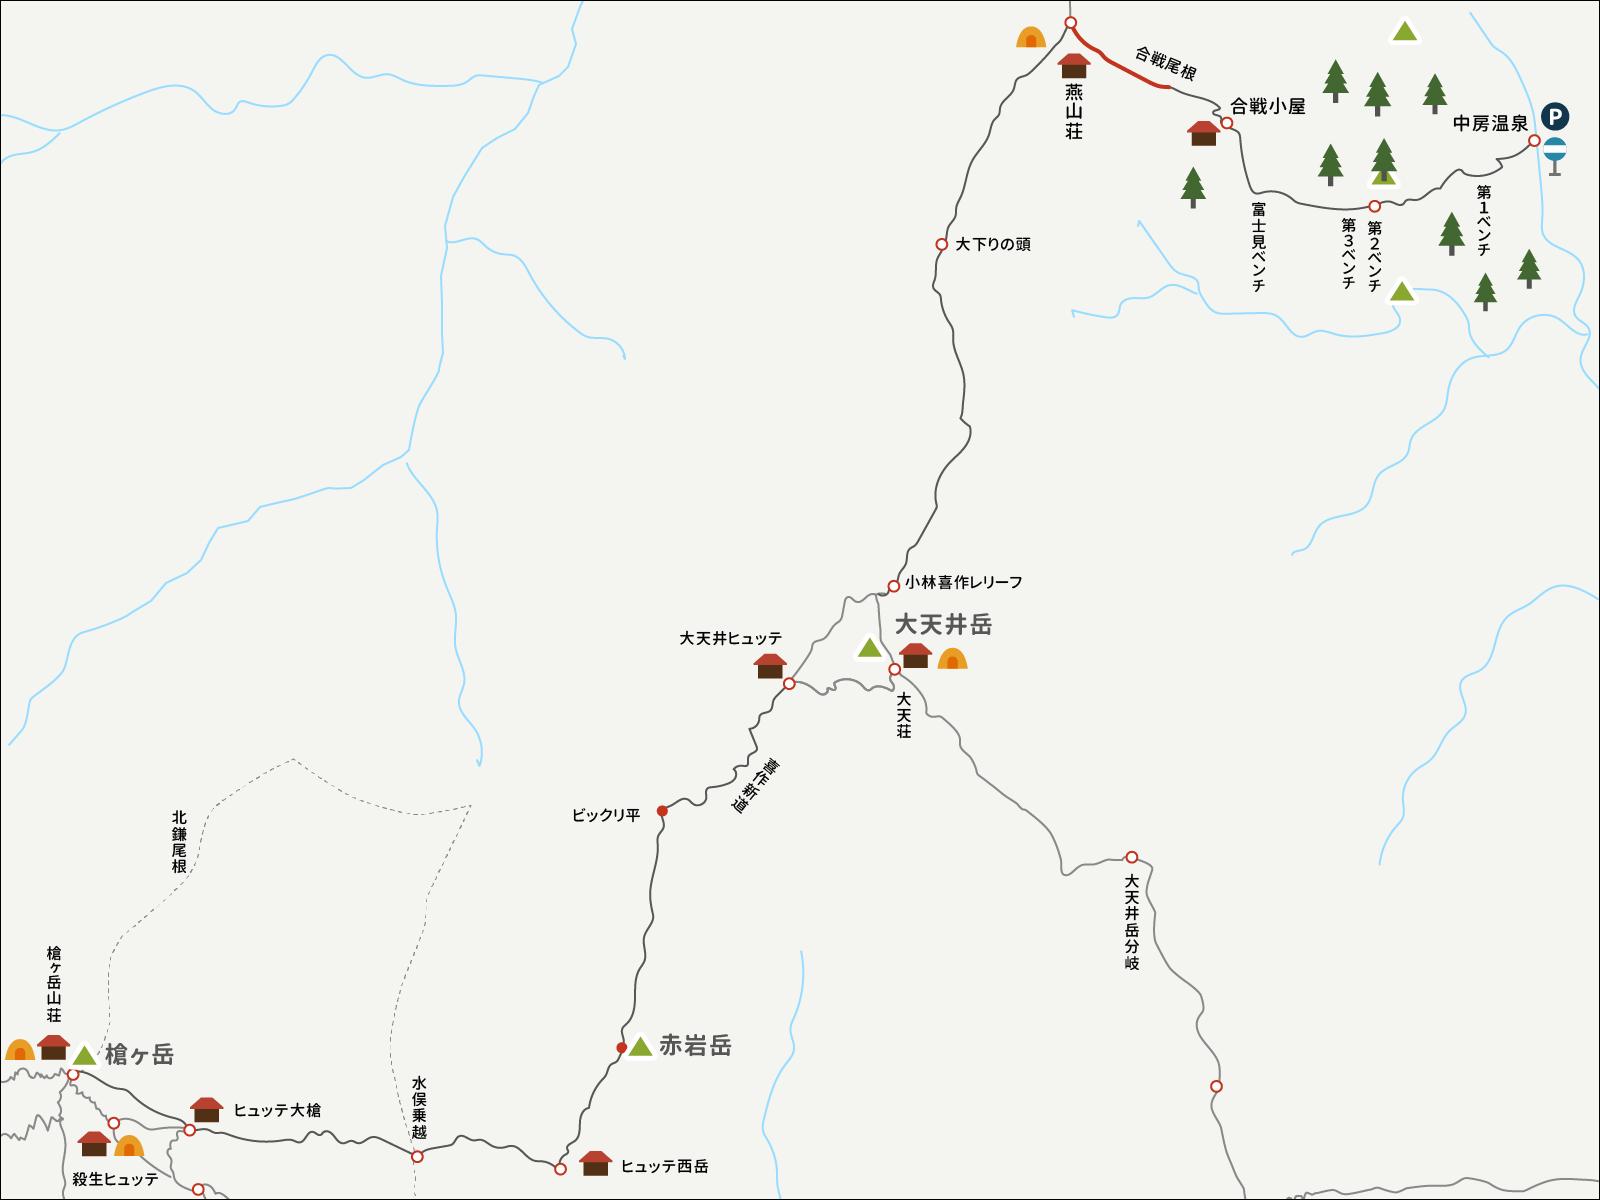 燕山荘から中房温泉までのイラストマップ1